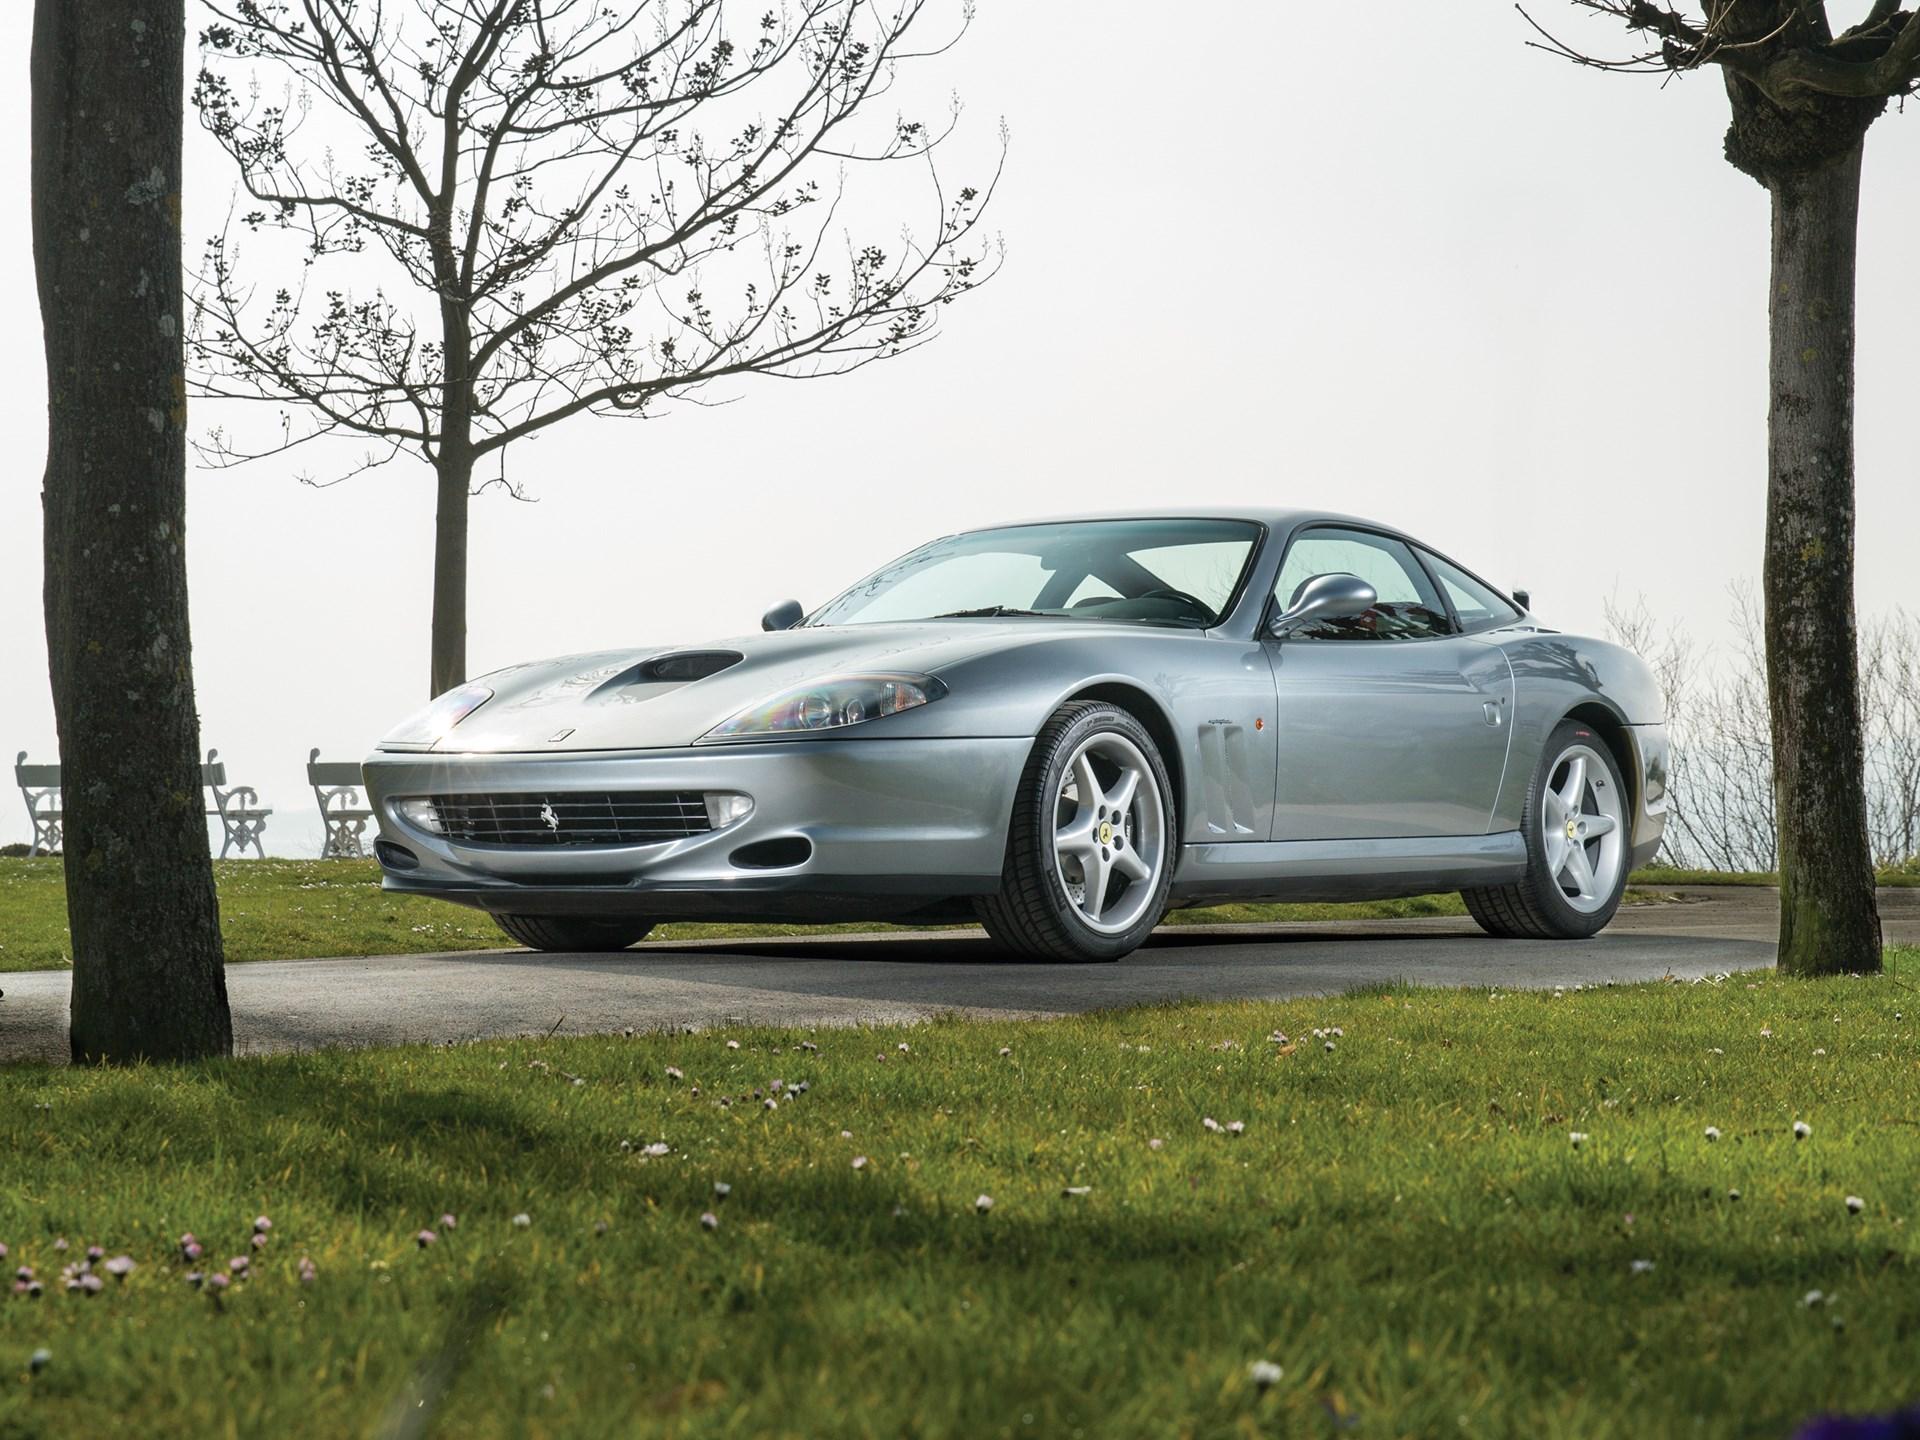 1998 Ferrari 550 Maranello front low 3/4